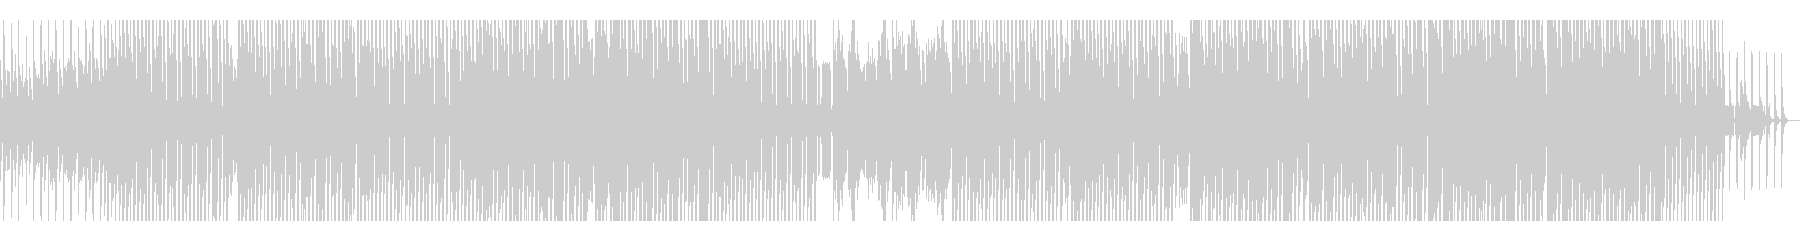 シンセと電子音が特徴的なテックハウスの未再生の波形